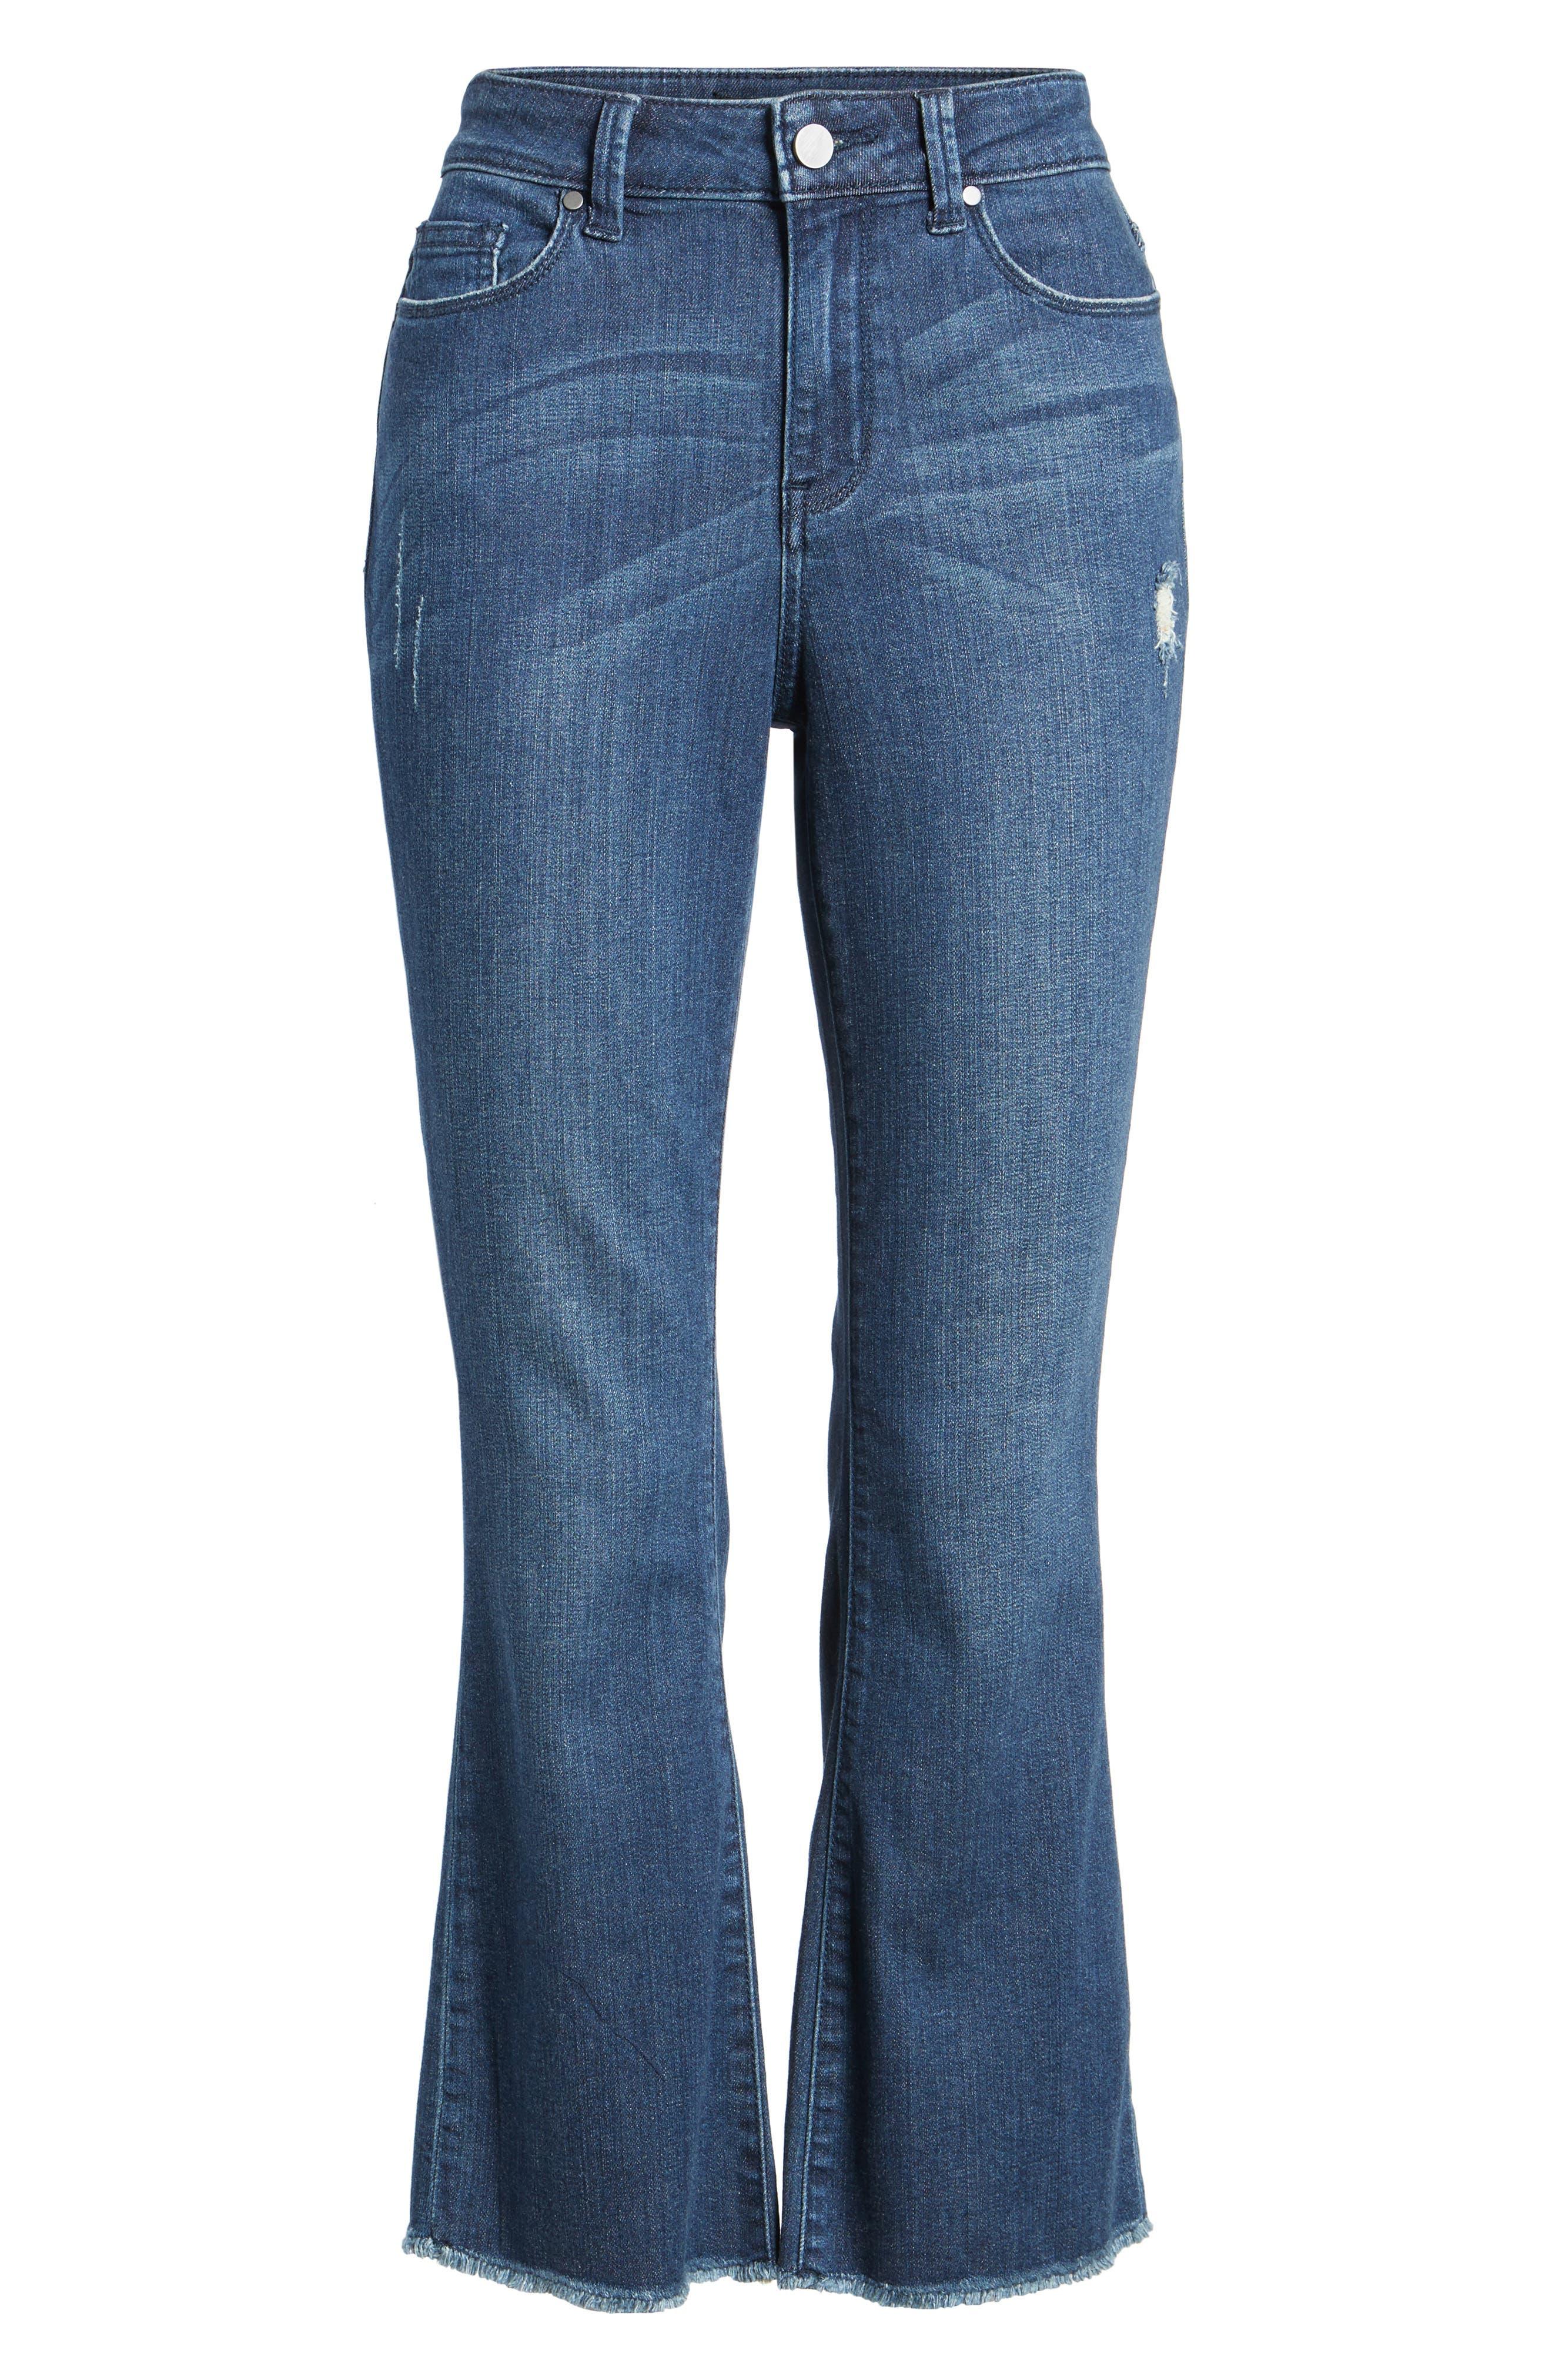 Kick Flare Jeans,                             Alternate thumbnail 6, color,                             400